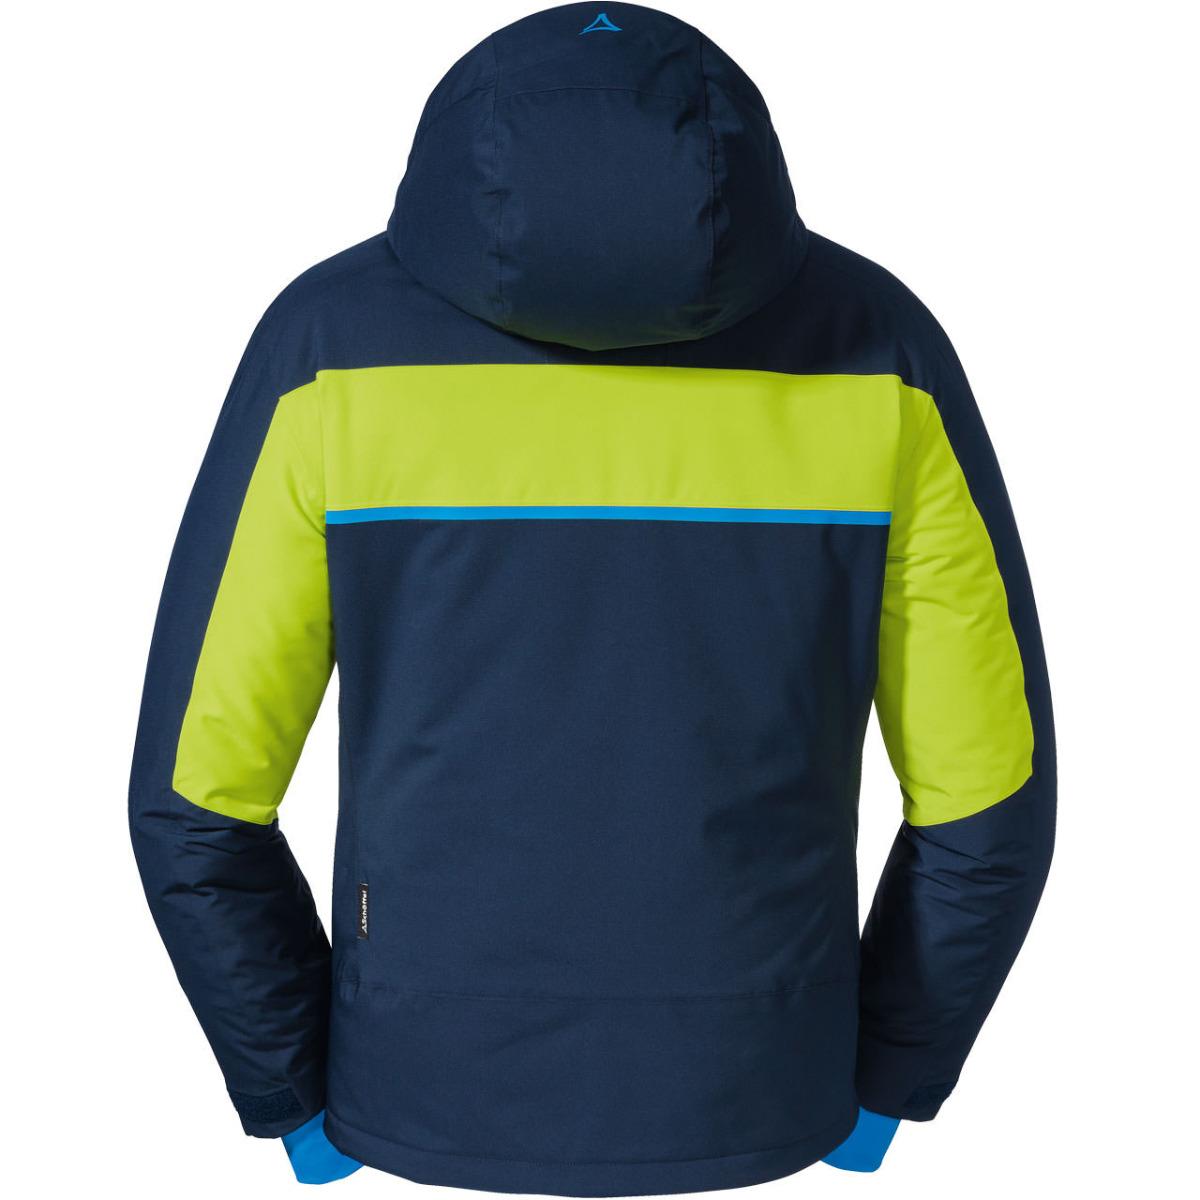 Schöffel Herren Skijacket GOLDEGG 22974 dunkleblau-gelb